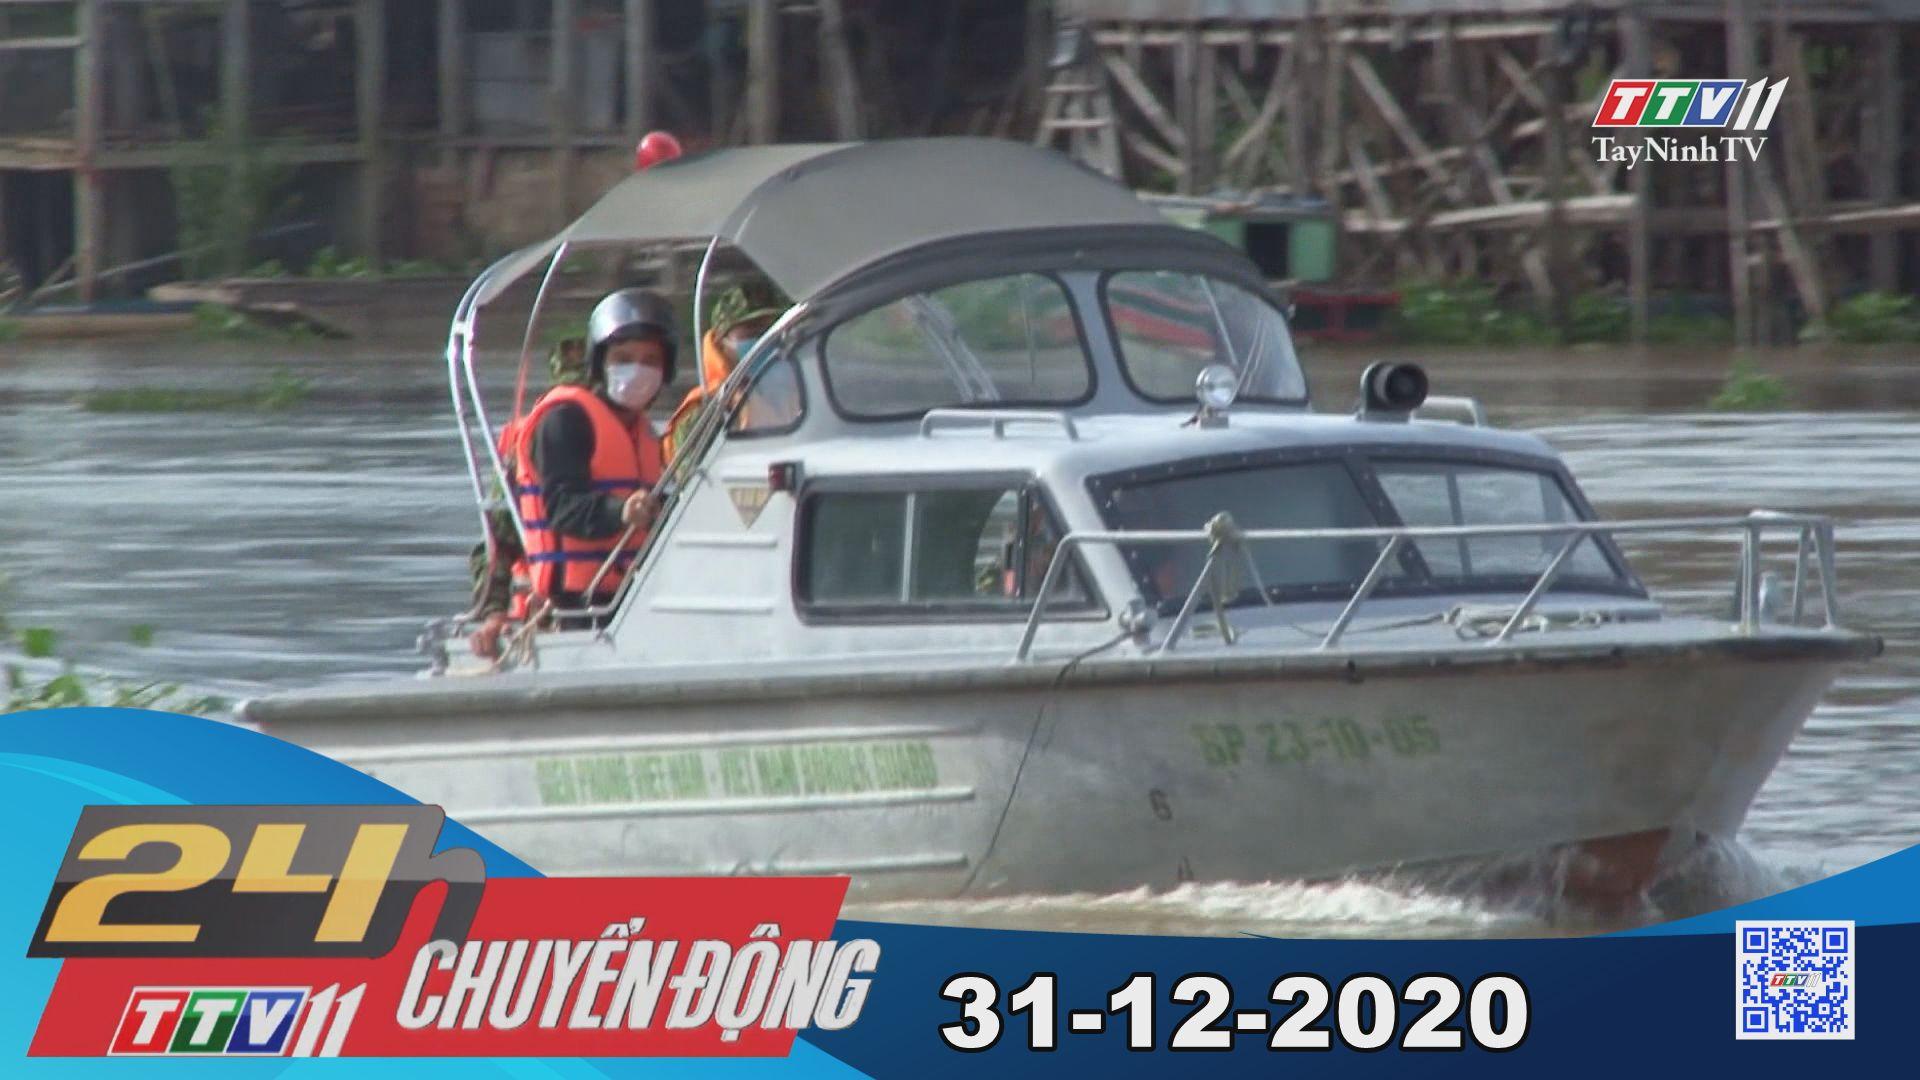 24h Chuyển động 31-12-2020 | Tin tức hôm nay | TayNinhTV